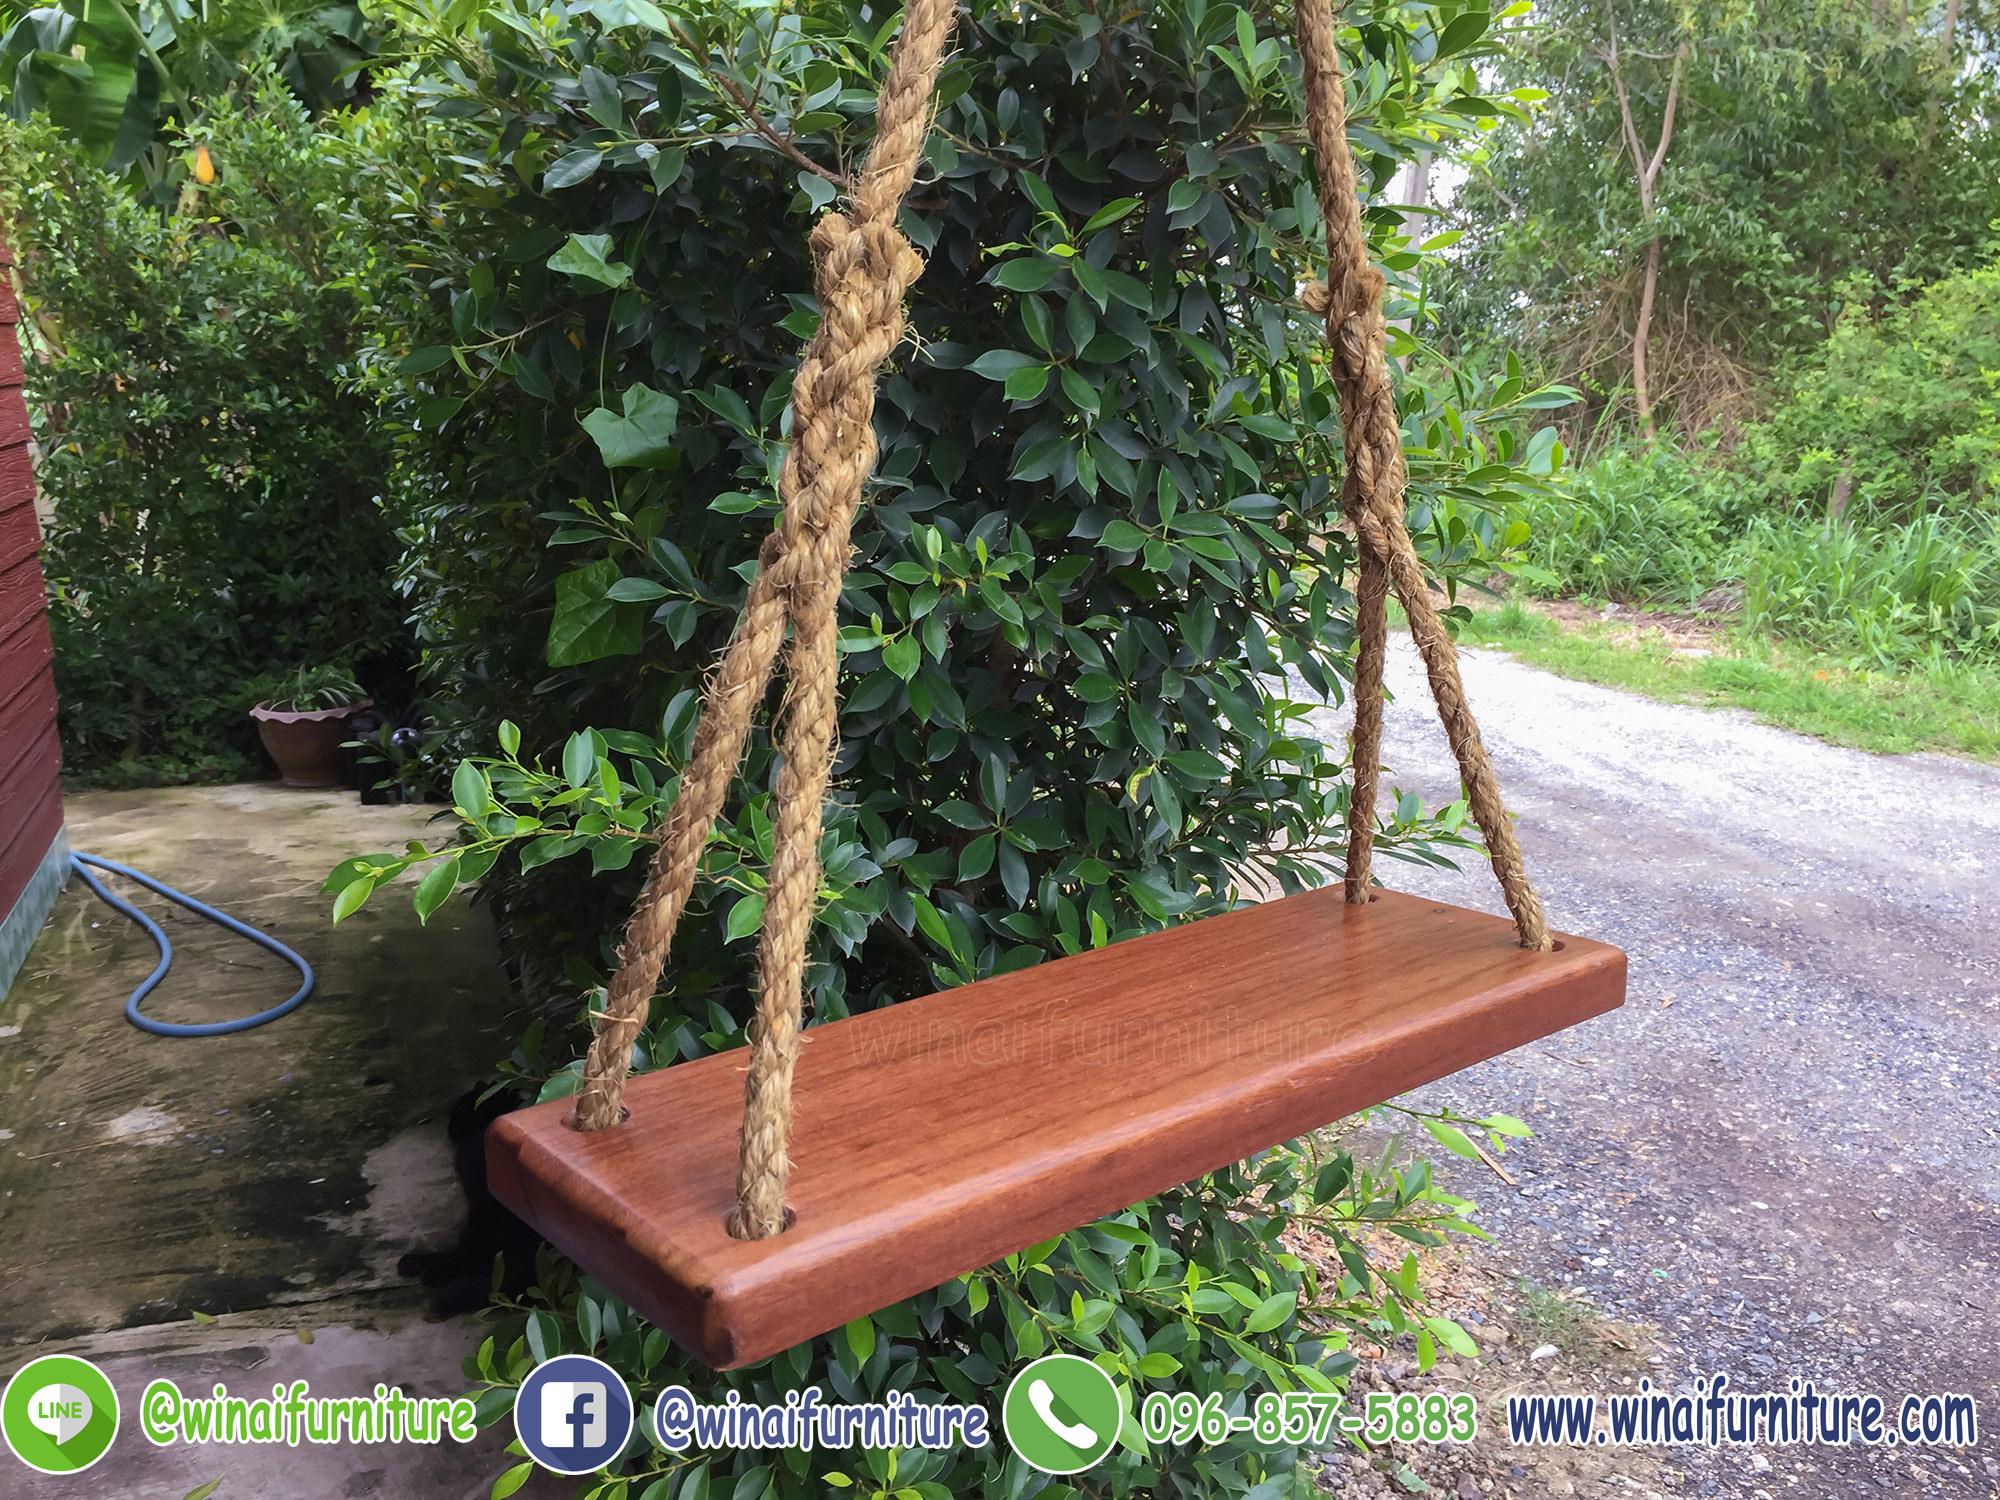 ที่นั่งชิงช้าไม้เต็งแขวนเชือกมะนิลา W-074 (พร้อมส่งฟรี)